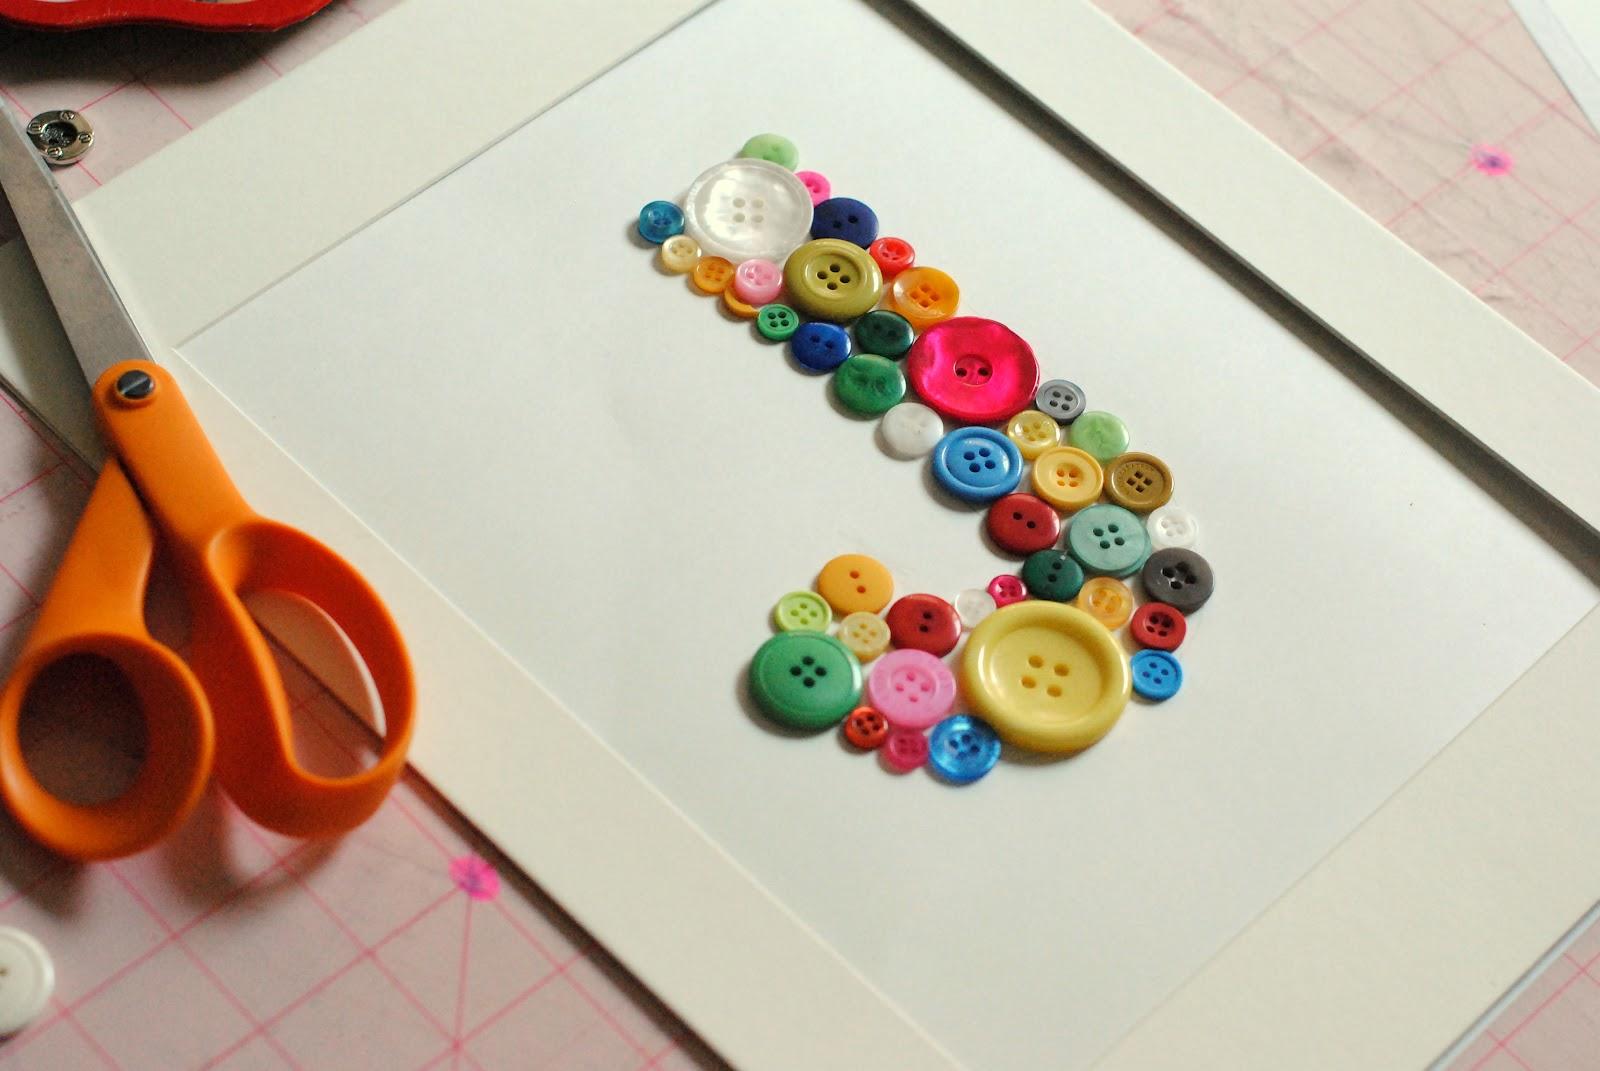 C mo hacer obras de arte con botones reciclados pollito - Como hacer cuadros con botones ...